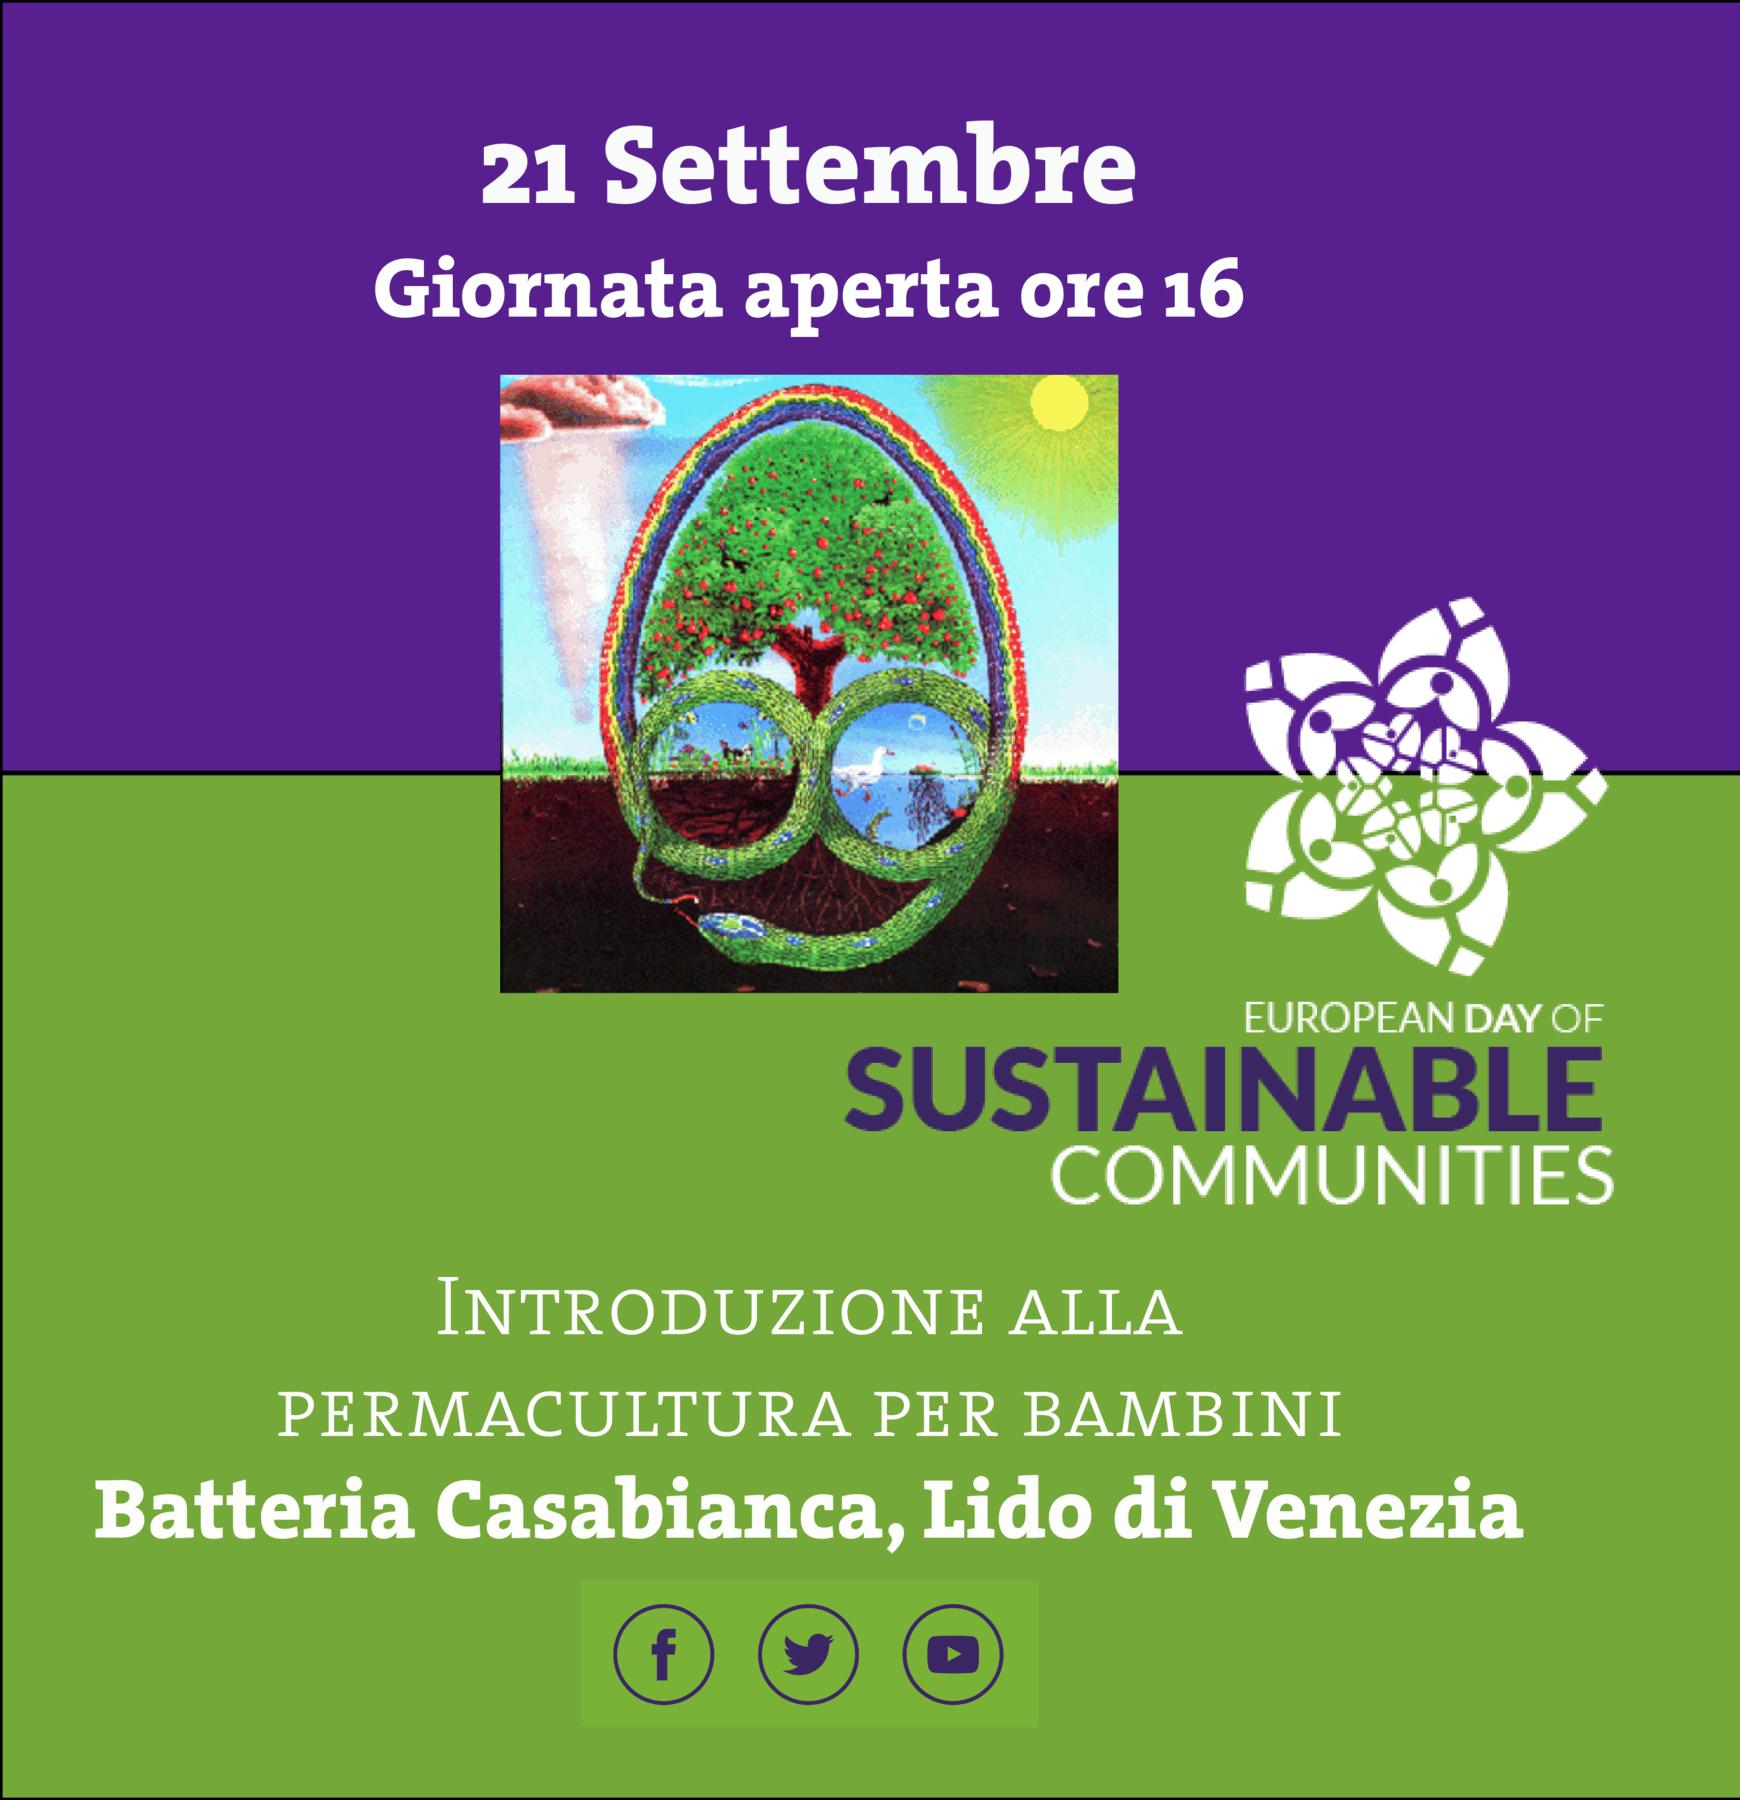 21Settembre Giornata delle comunità sostenibili #EDSC19